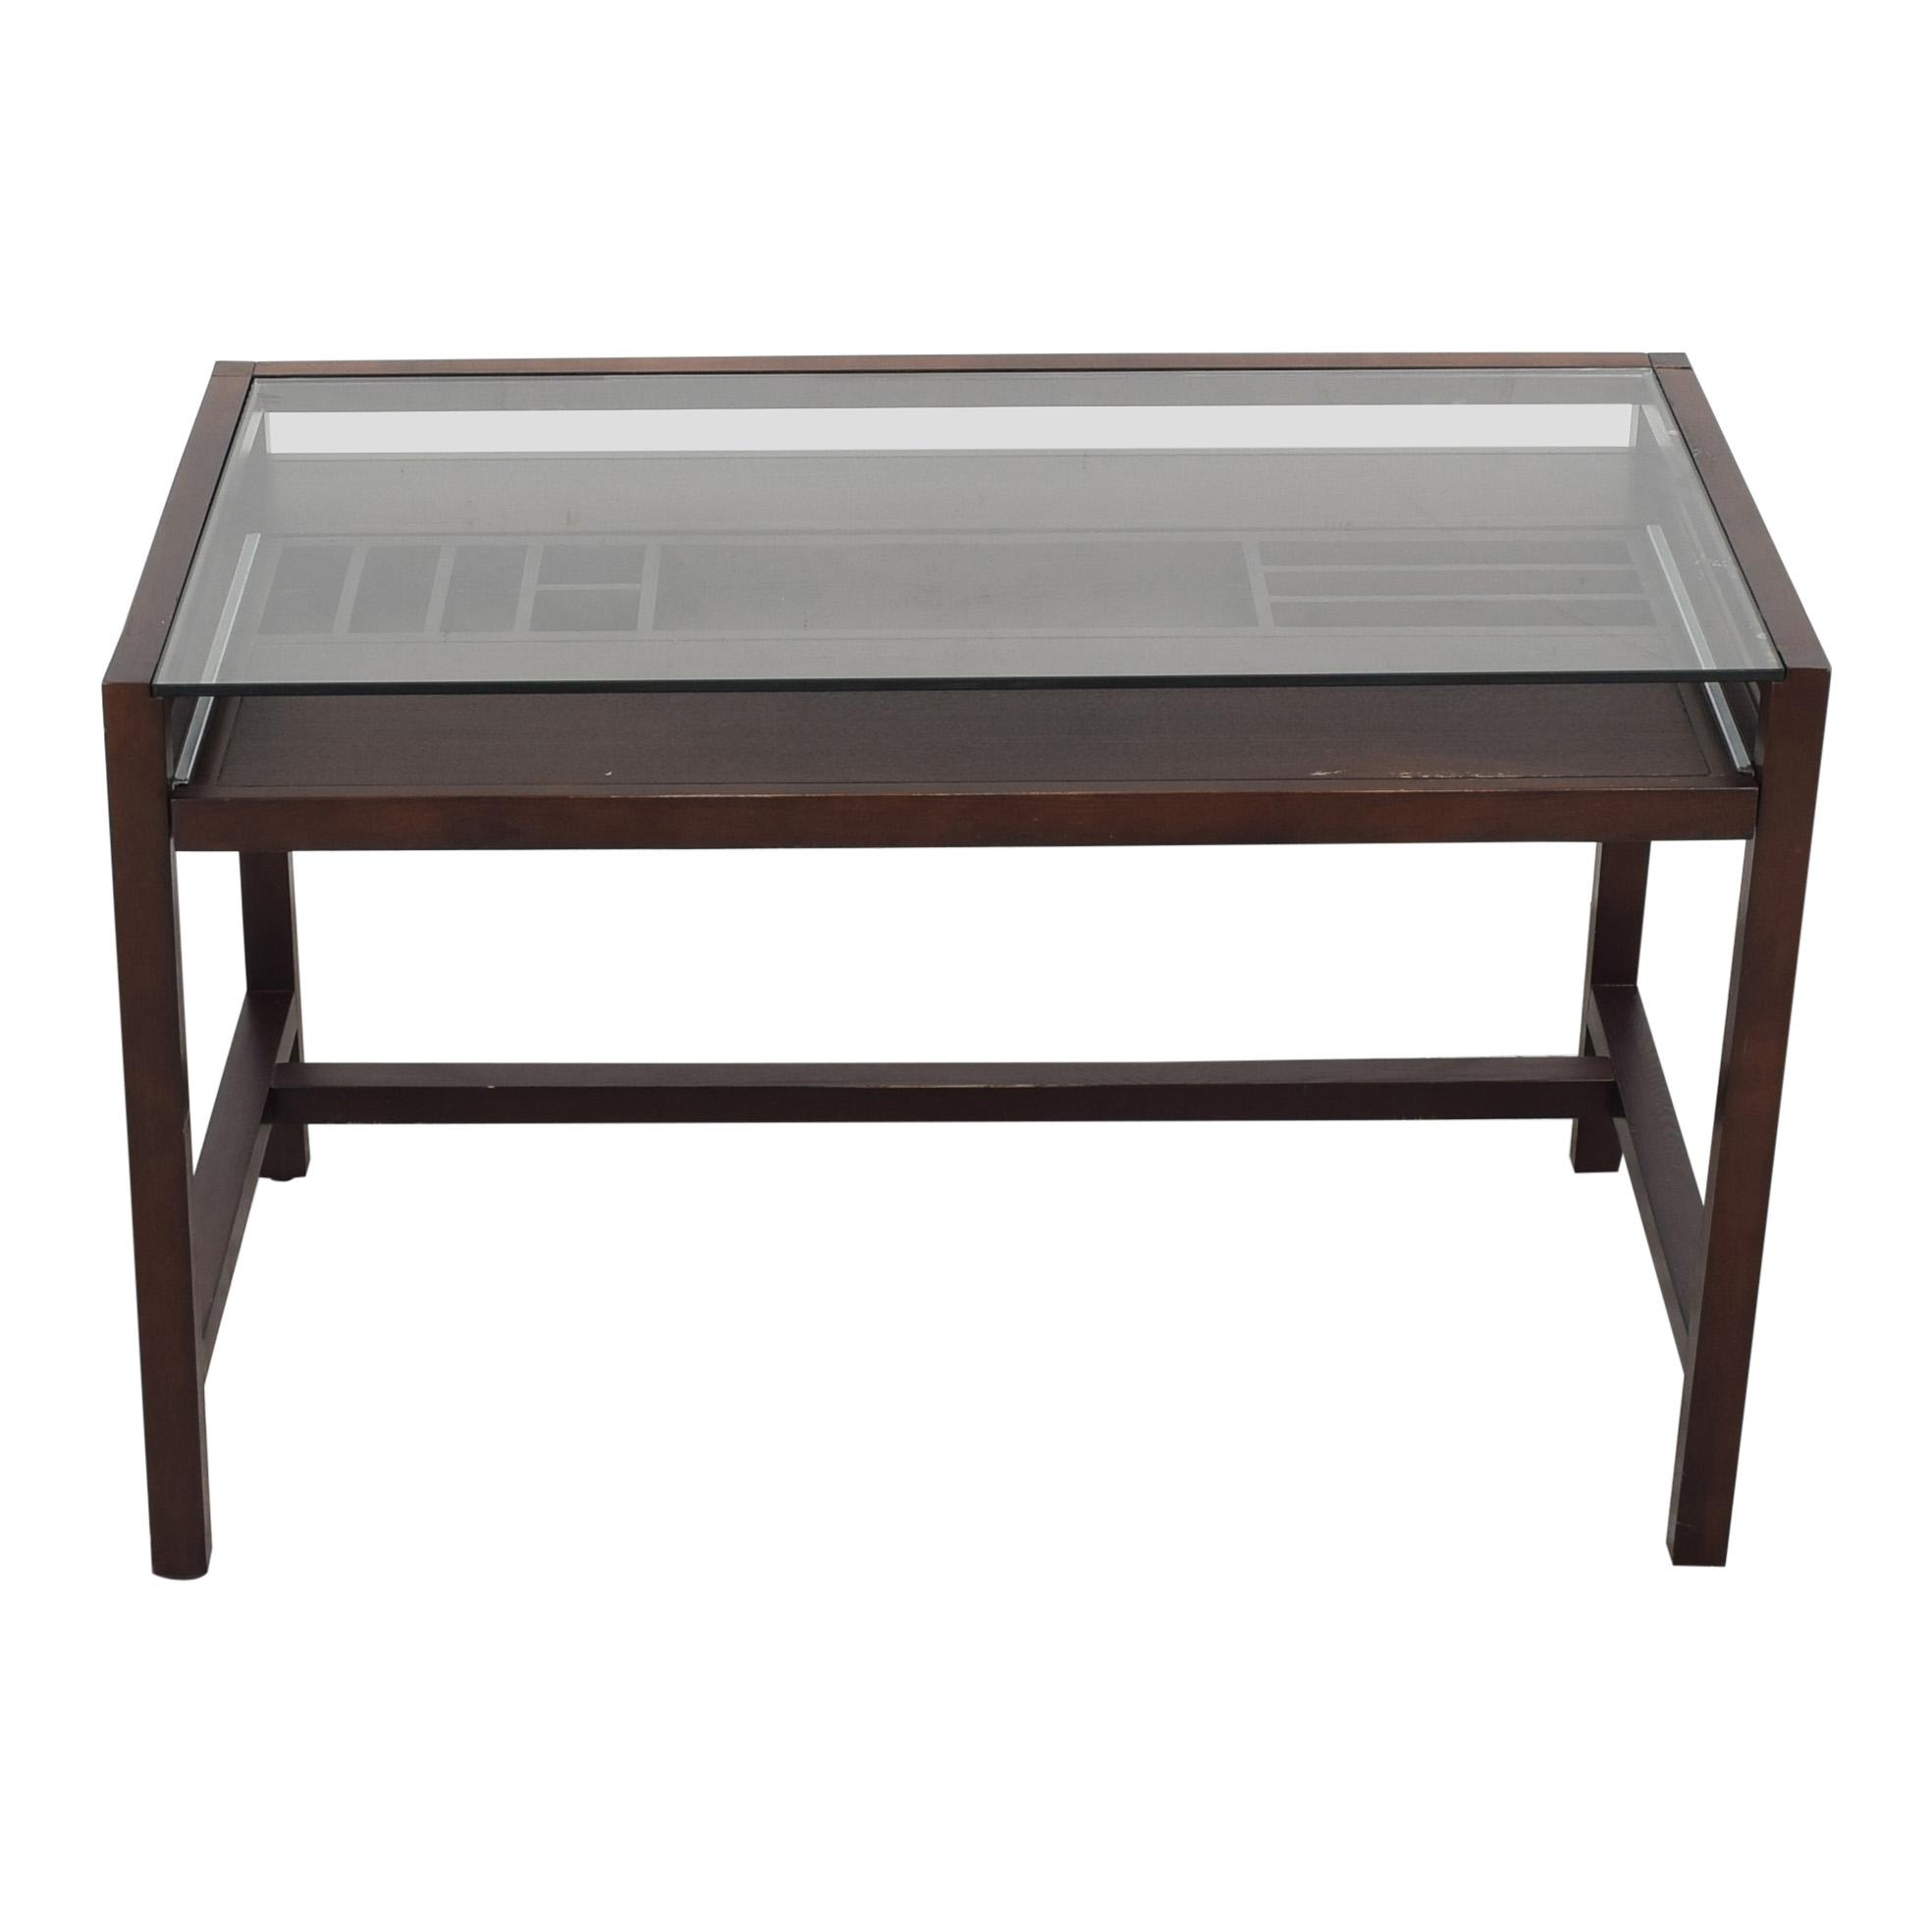 Crate & Barrel Crate & Barrel Drake Table Tables